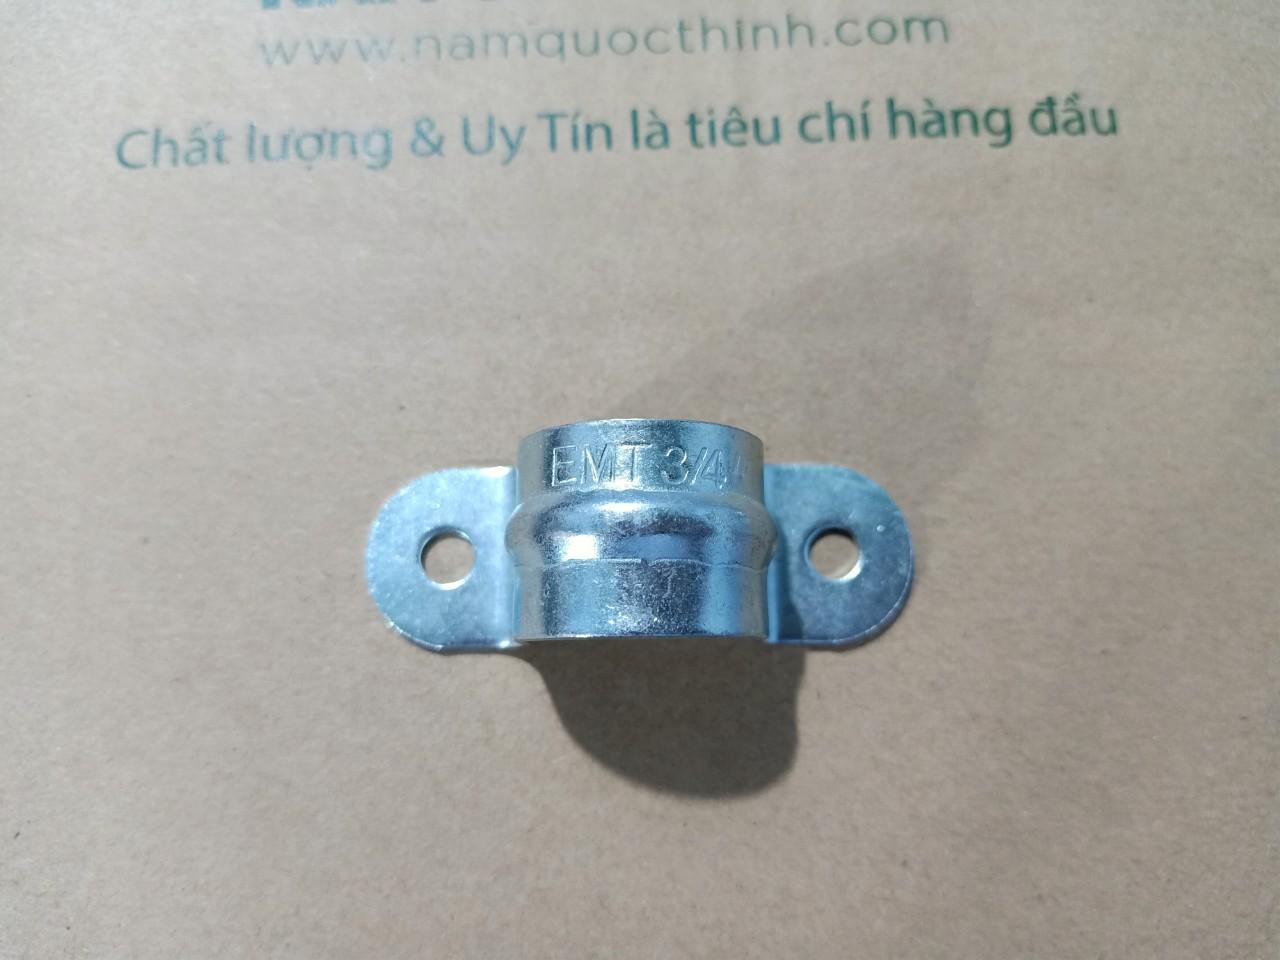 Kẹp ống thép luồn dây điện trơn phi 25 không đế 2 lỗ